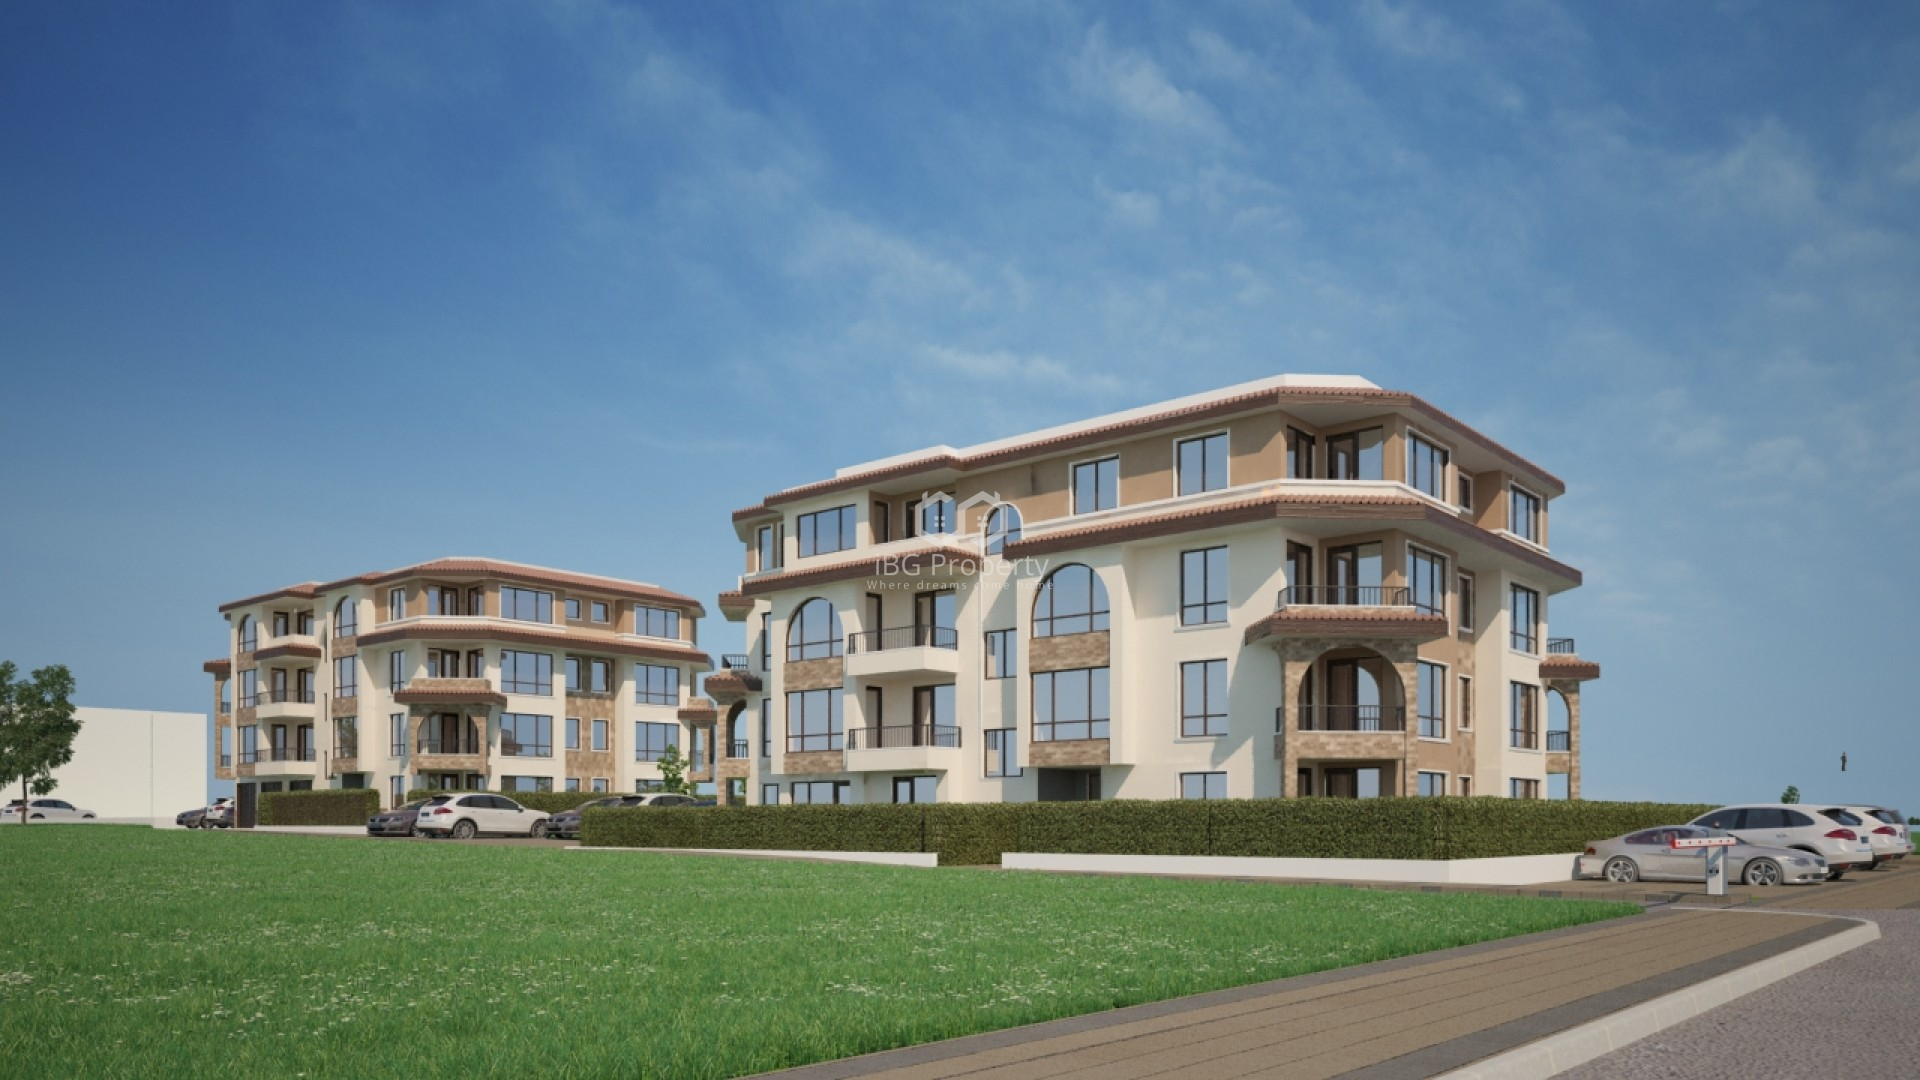 Тристаен апартамент Сарафово Бургас 83 m2